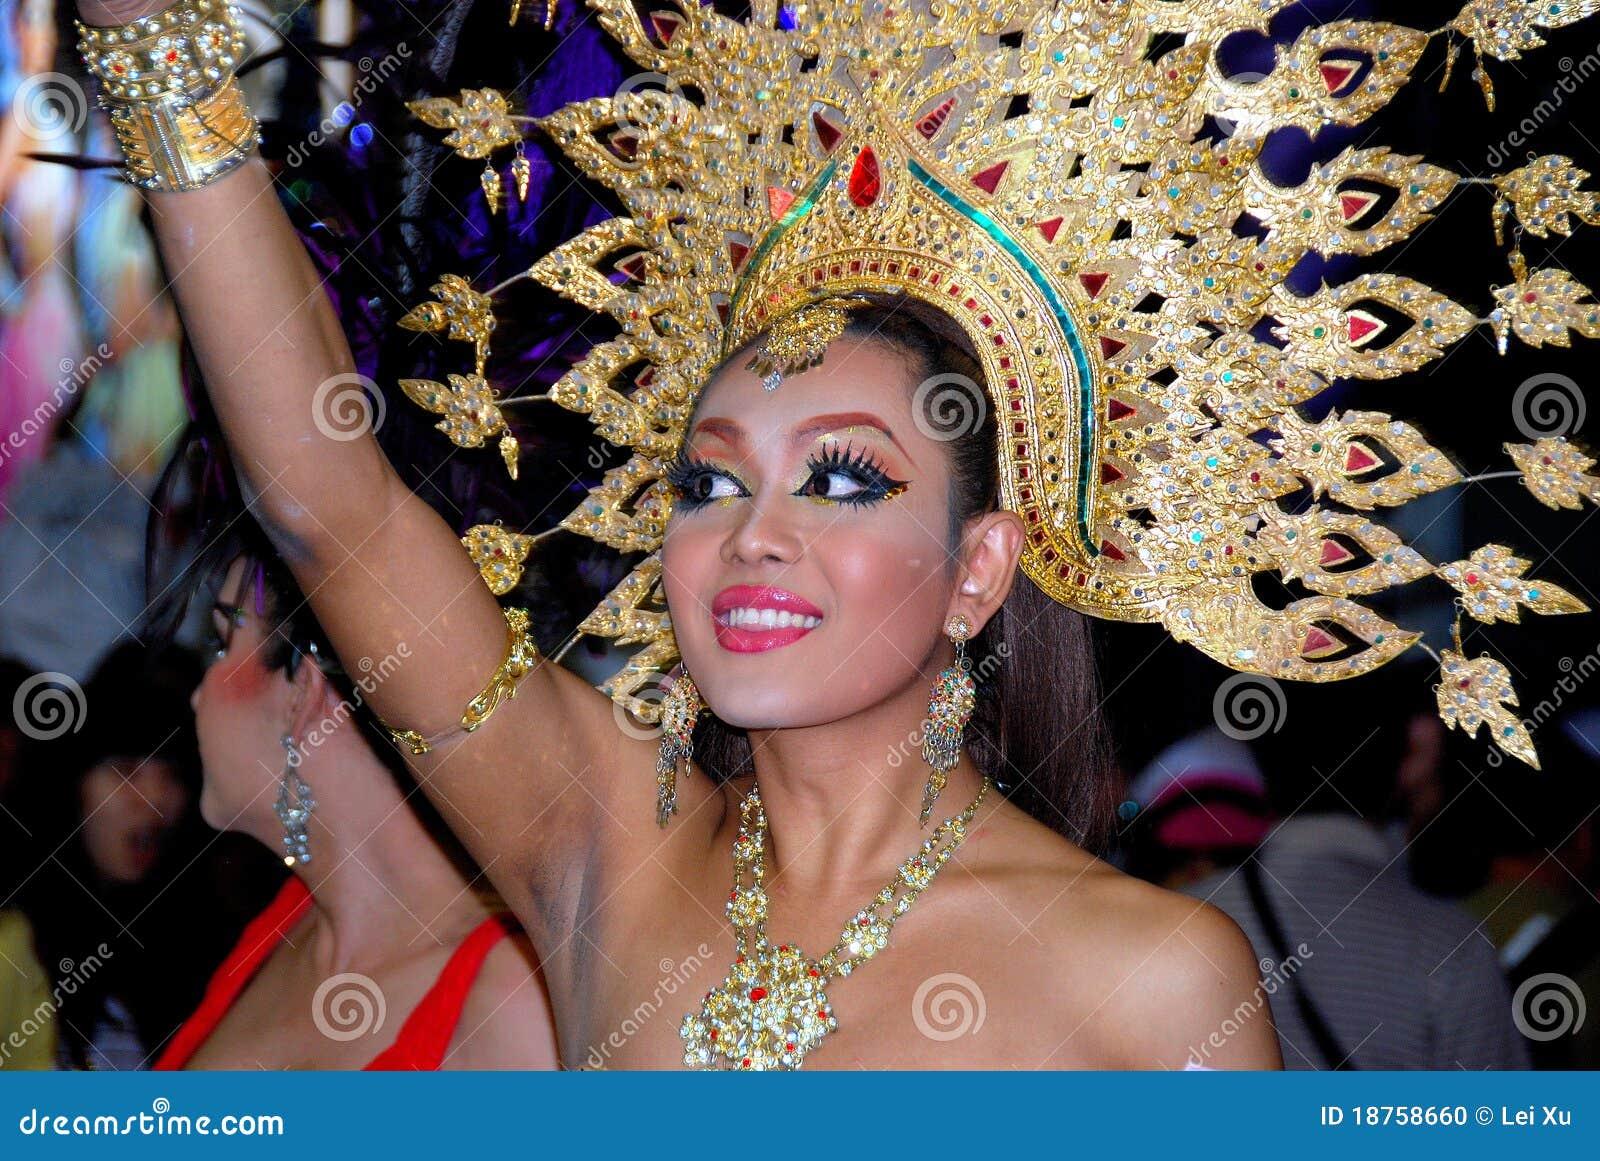 Ladyboy show phuket-4830